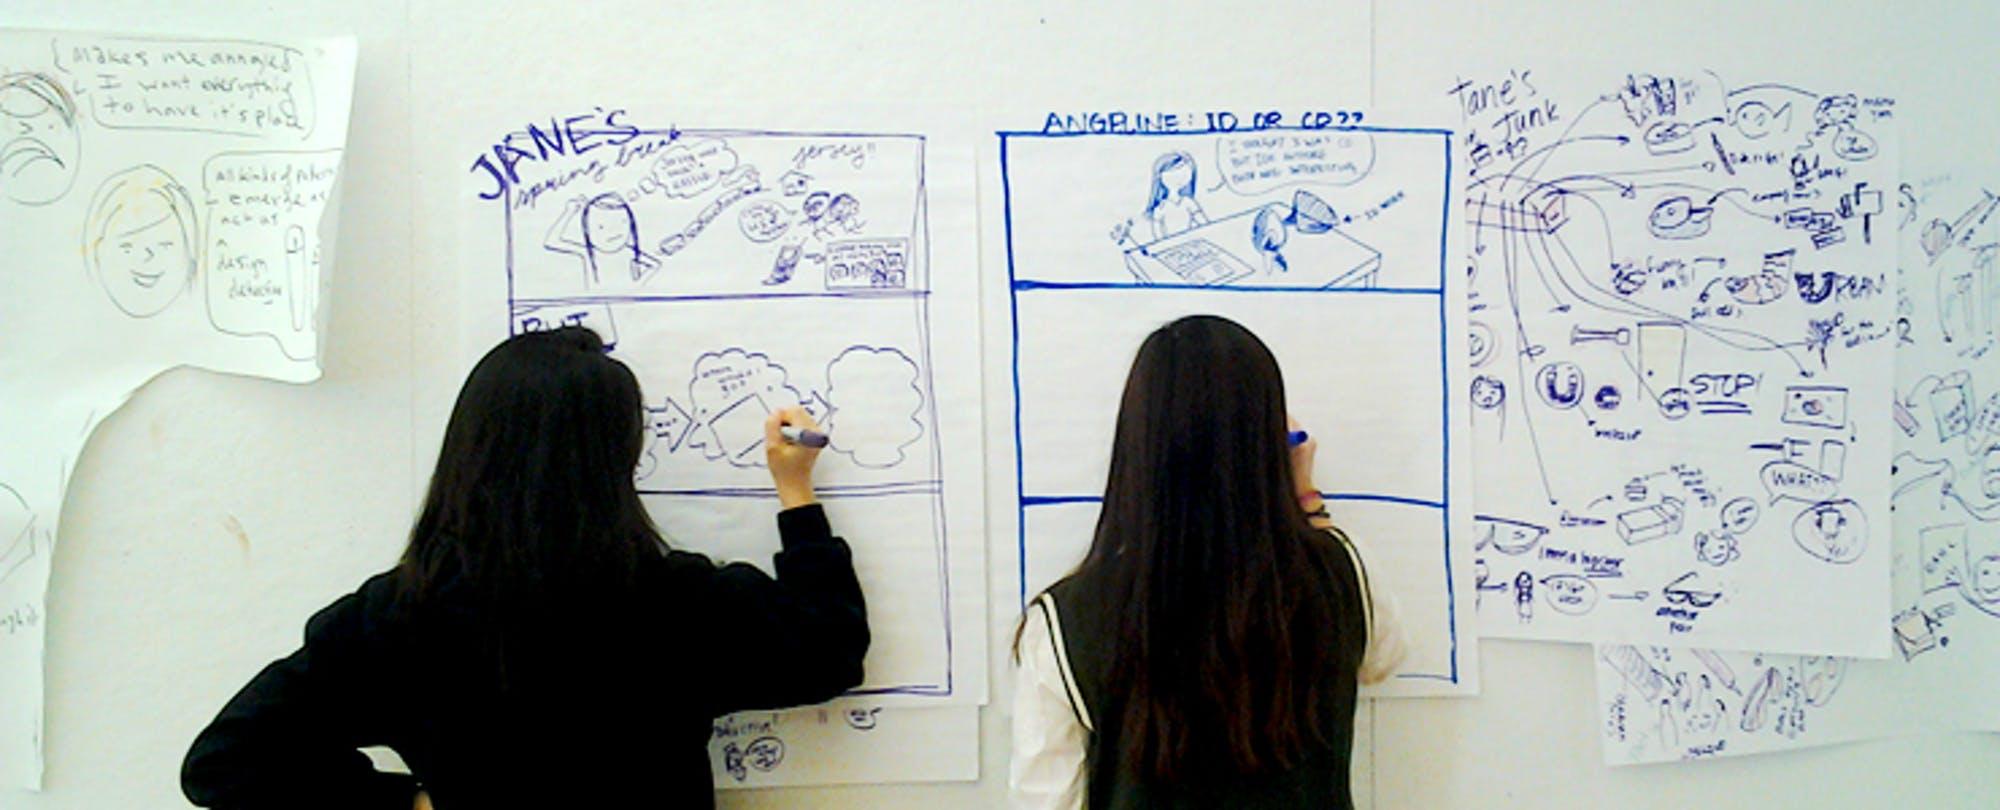 UPenn Education Design Studio Picks Five Startups